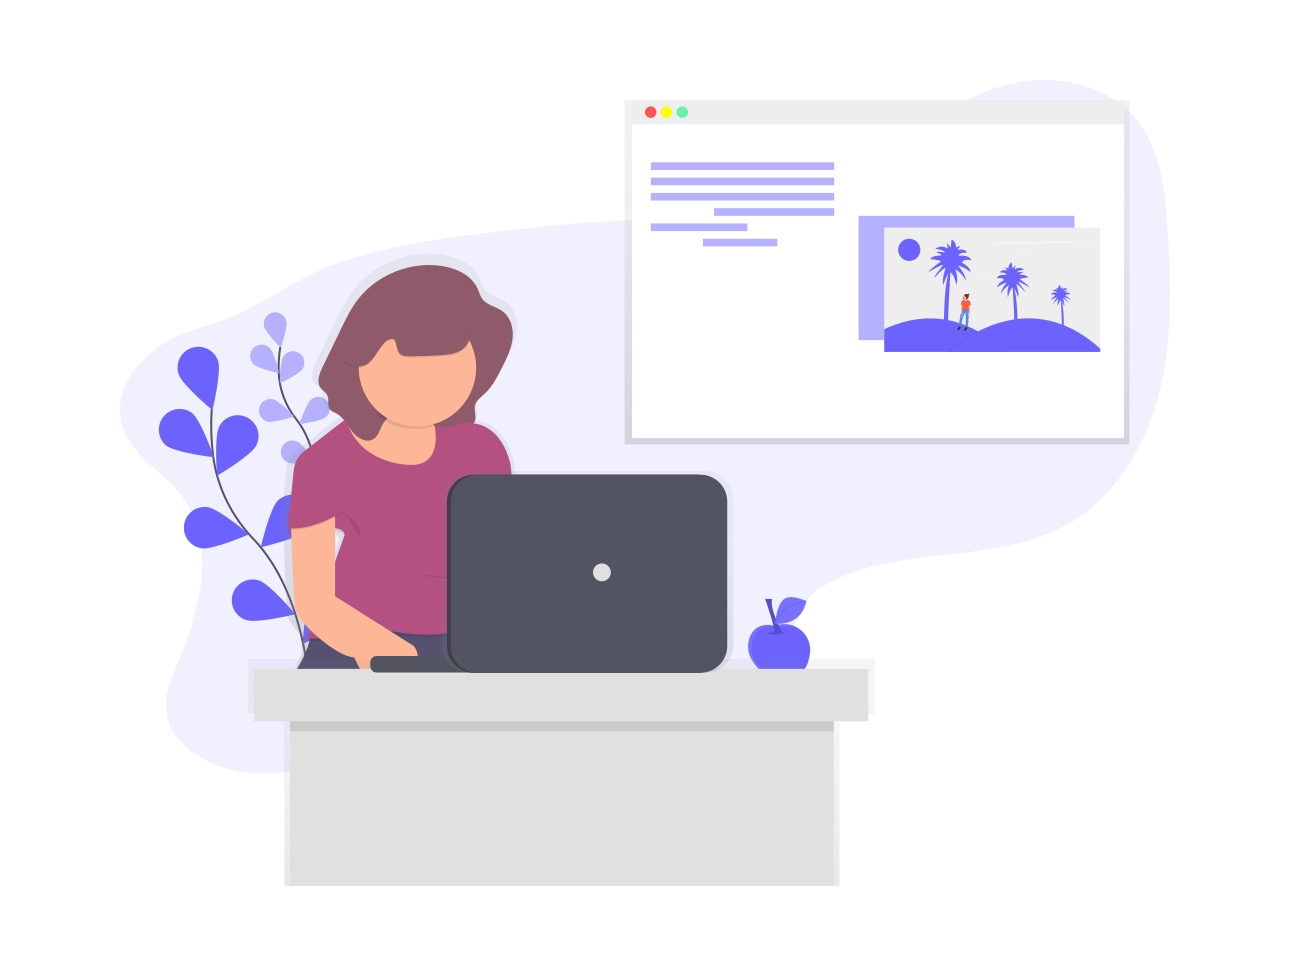 【雑記ブログと特化ブログの比較】初めてのブログを運営するならおすすめはどっち?